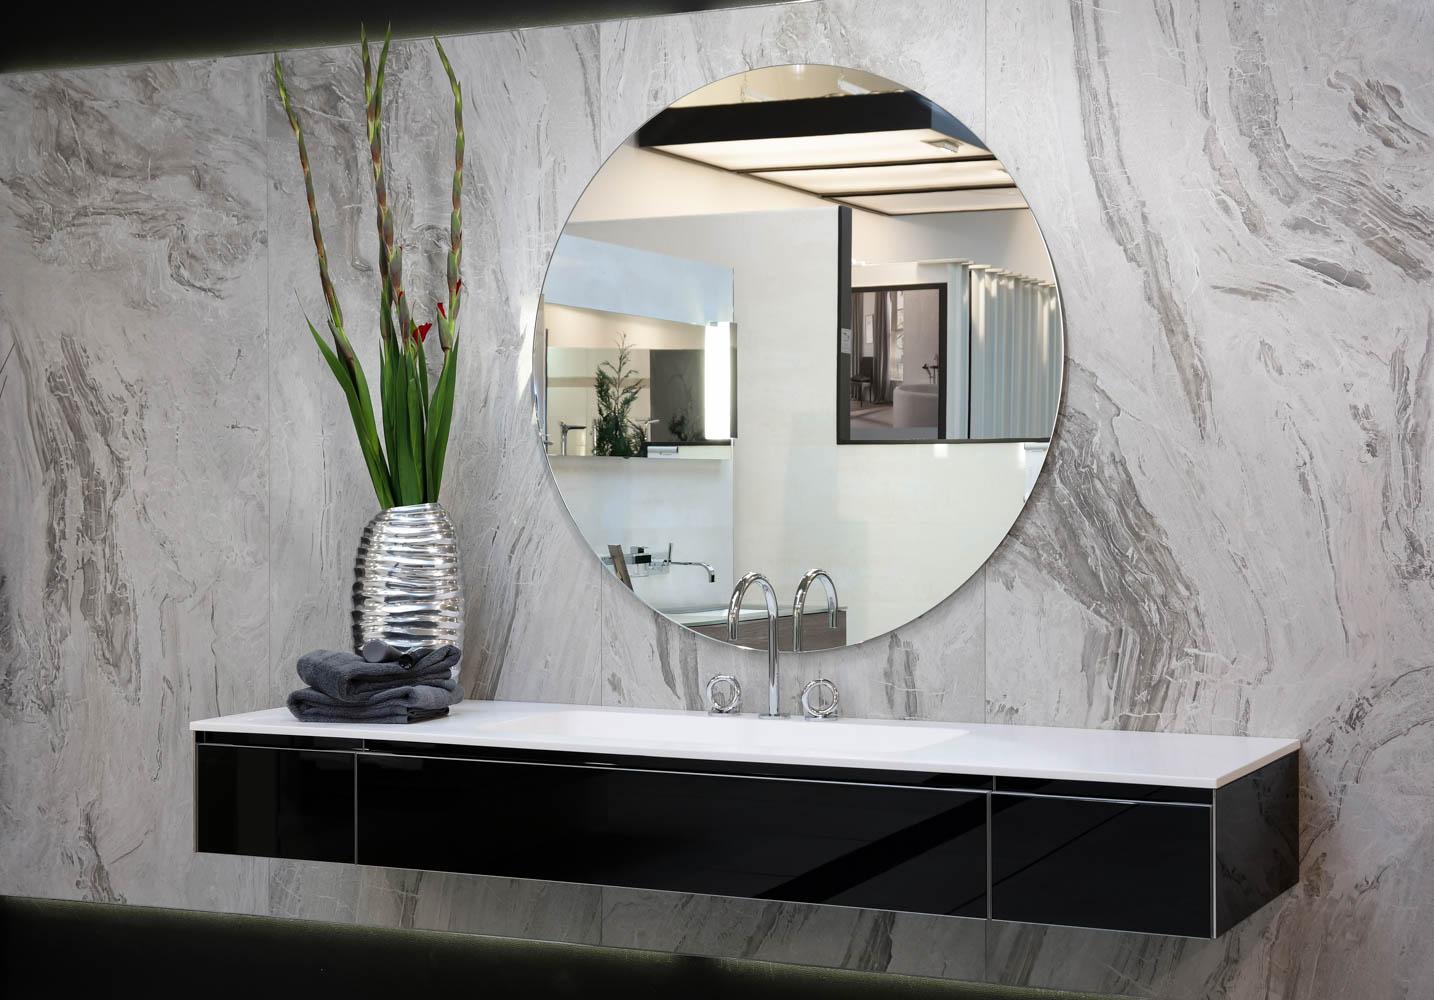 berlin tempelhof linnenbecker gmbh holzhandel fliesenhandel baustoffhandel. Black Bedroom Furniture Sets. Home Design Ideas